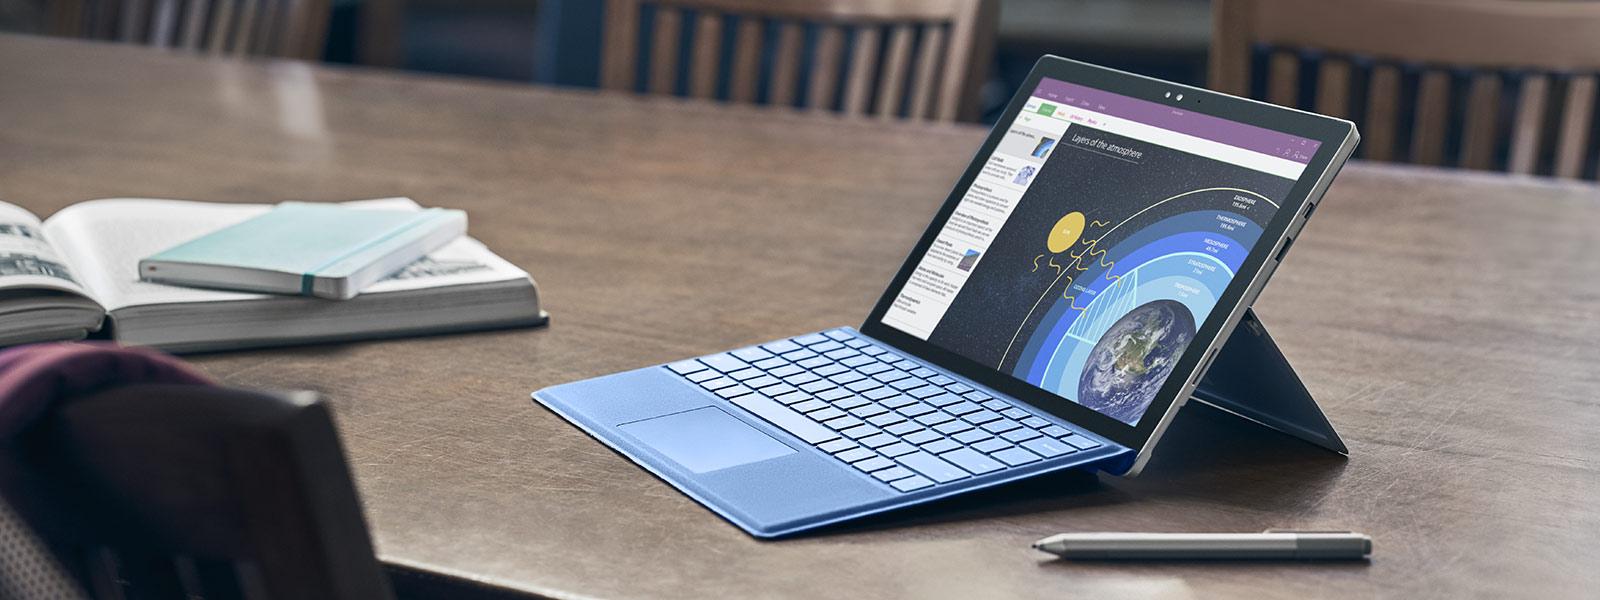 Surface Pro 4 ในโหมด Pro 4 พร้อมปากกา Surface และเมาส์